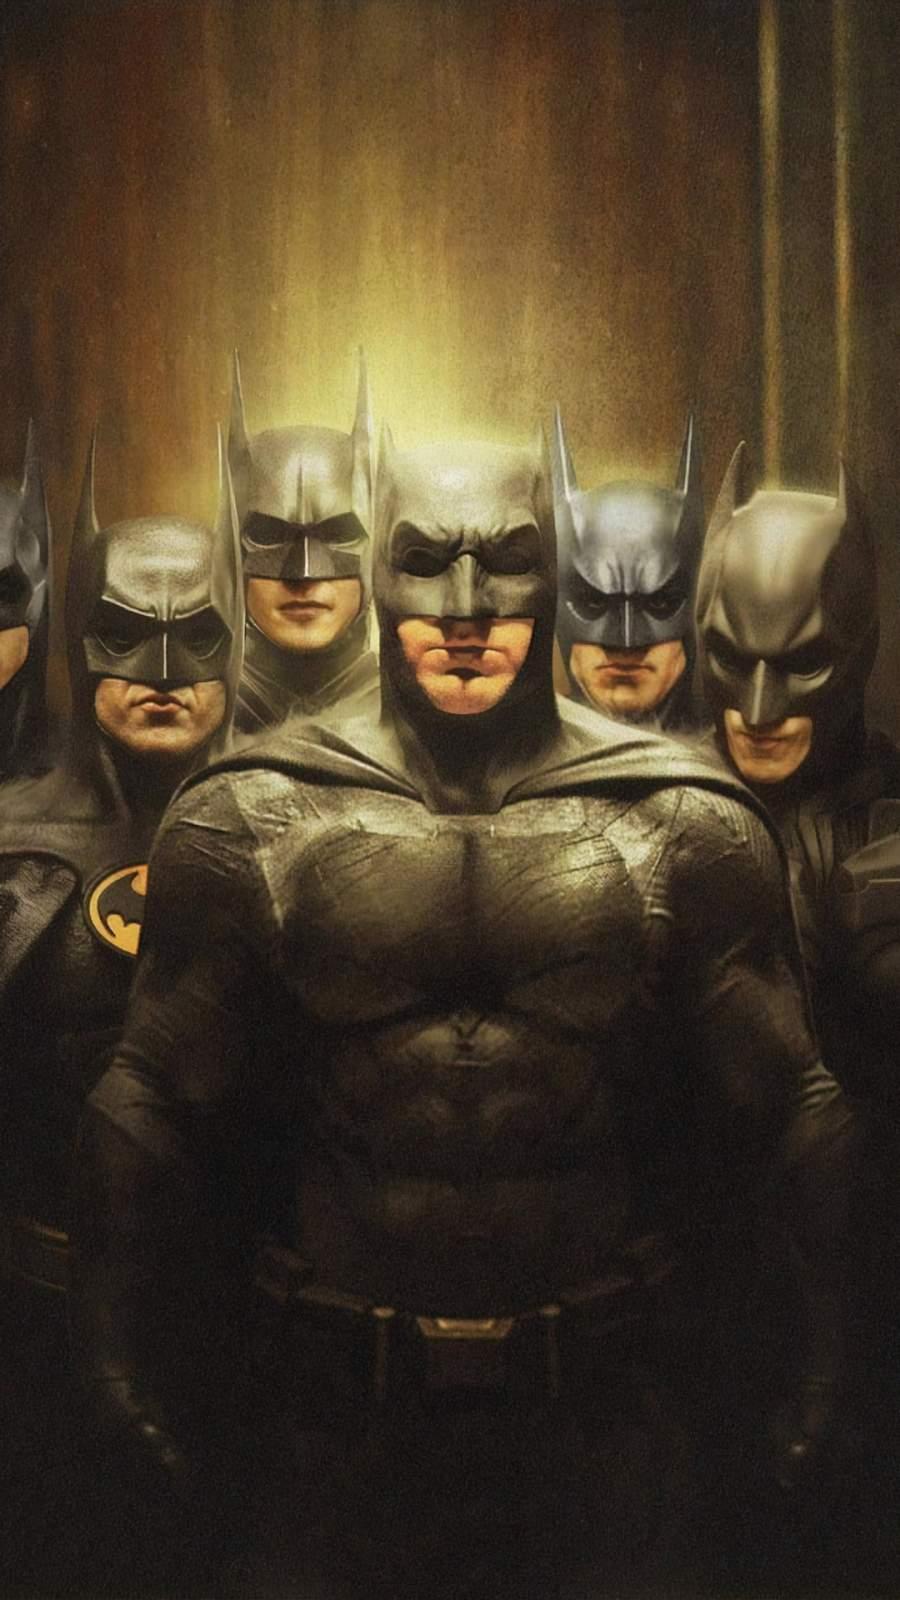 Batman Squad iPhone Wallpaper